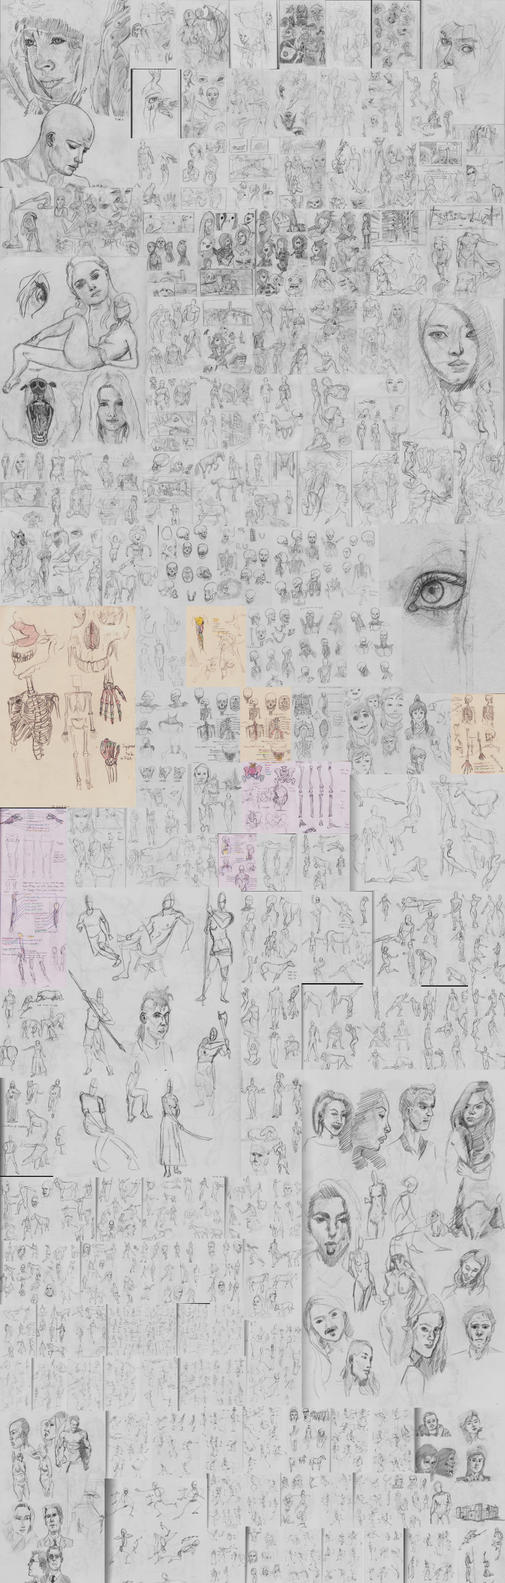 Sketchdump by sens3mann